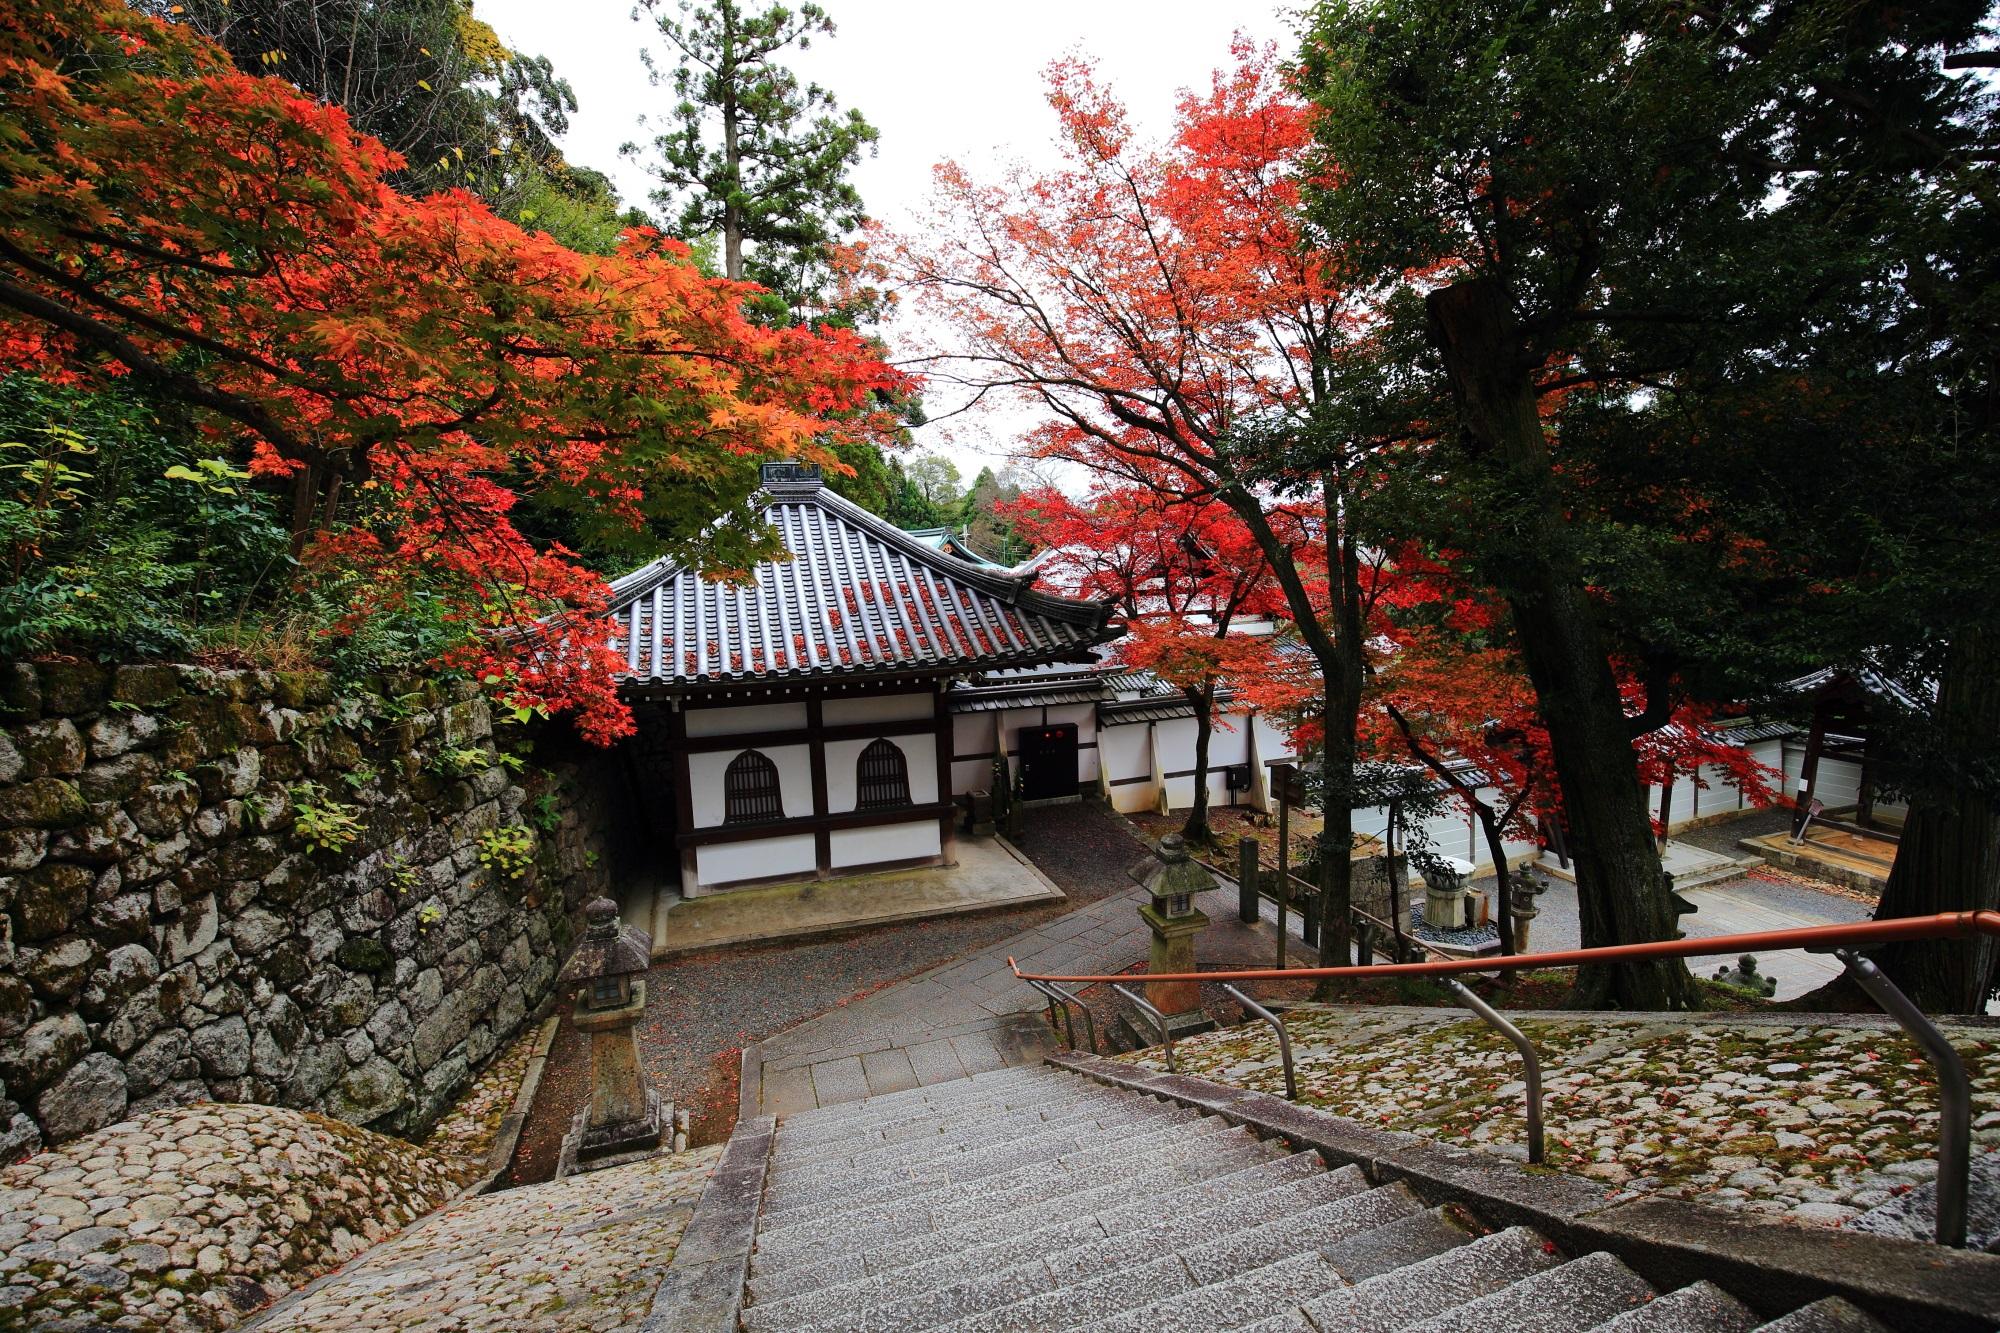 上から眺めた違った雰囲気の知恩院御廟の紅葉